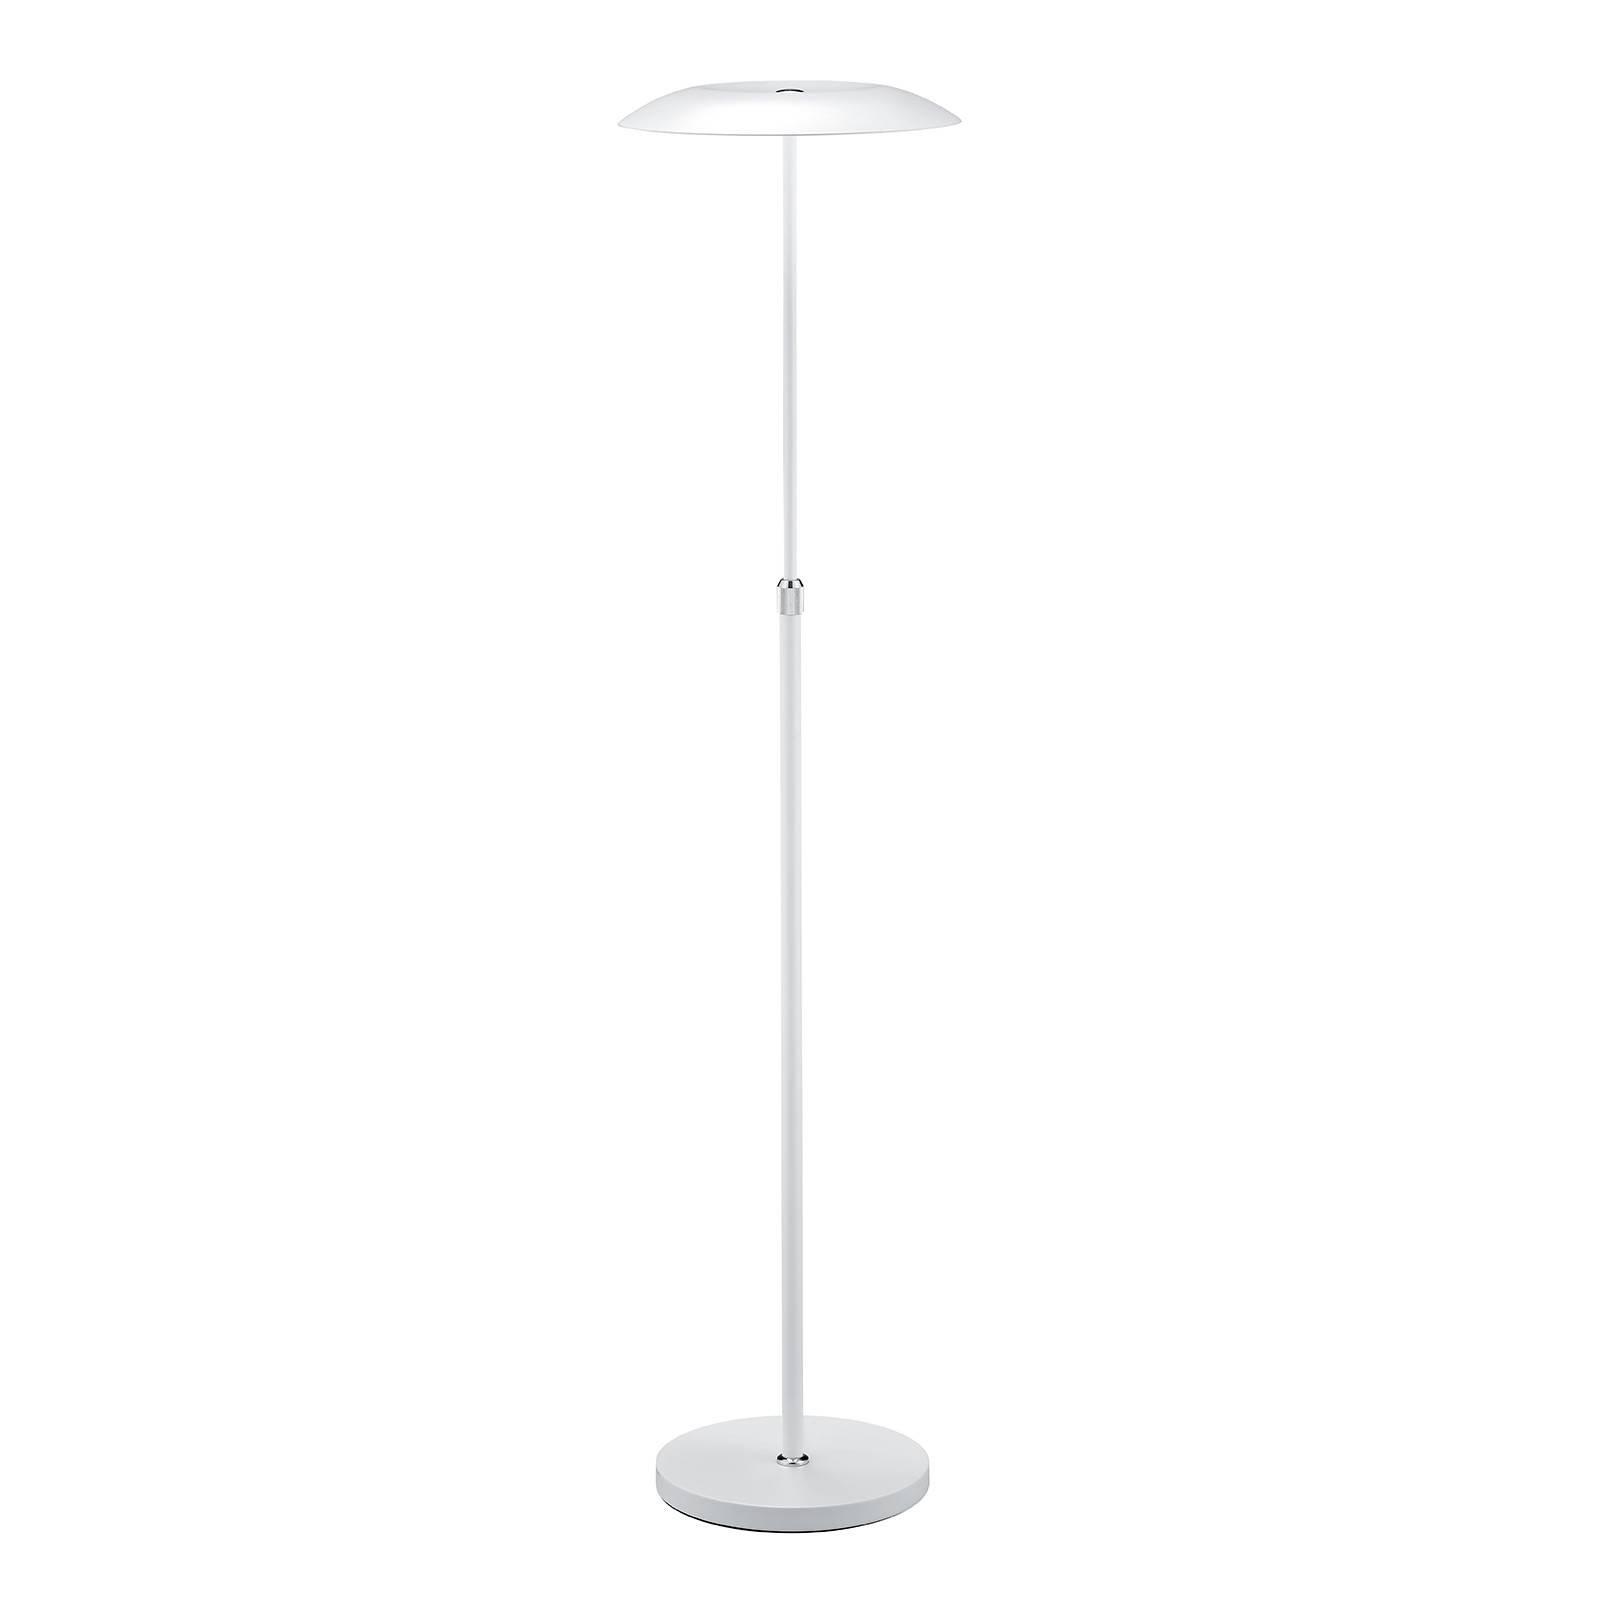 B-Leuchten Curling LED-gulvlampe hvit